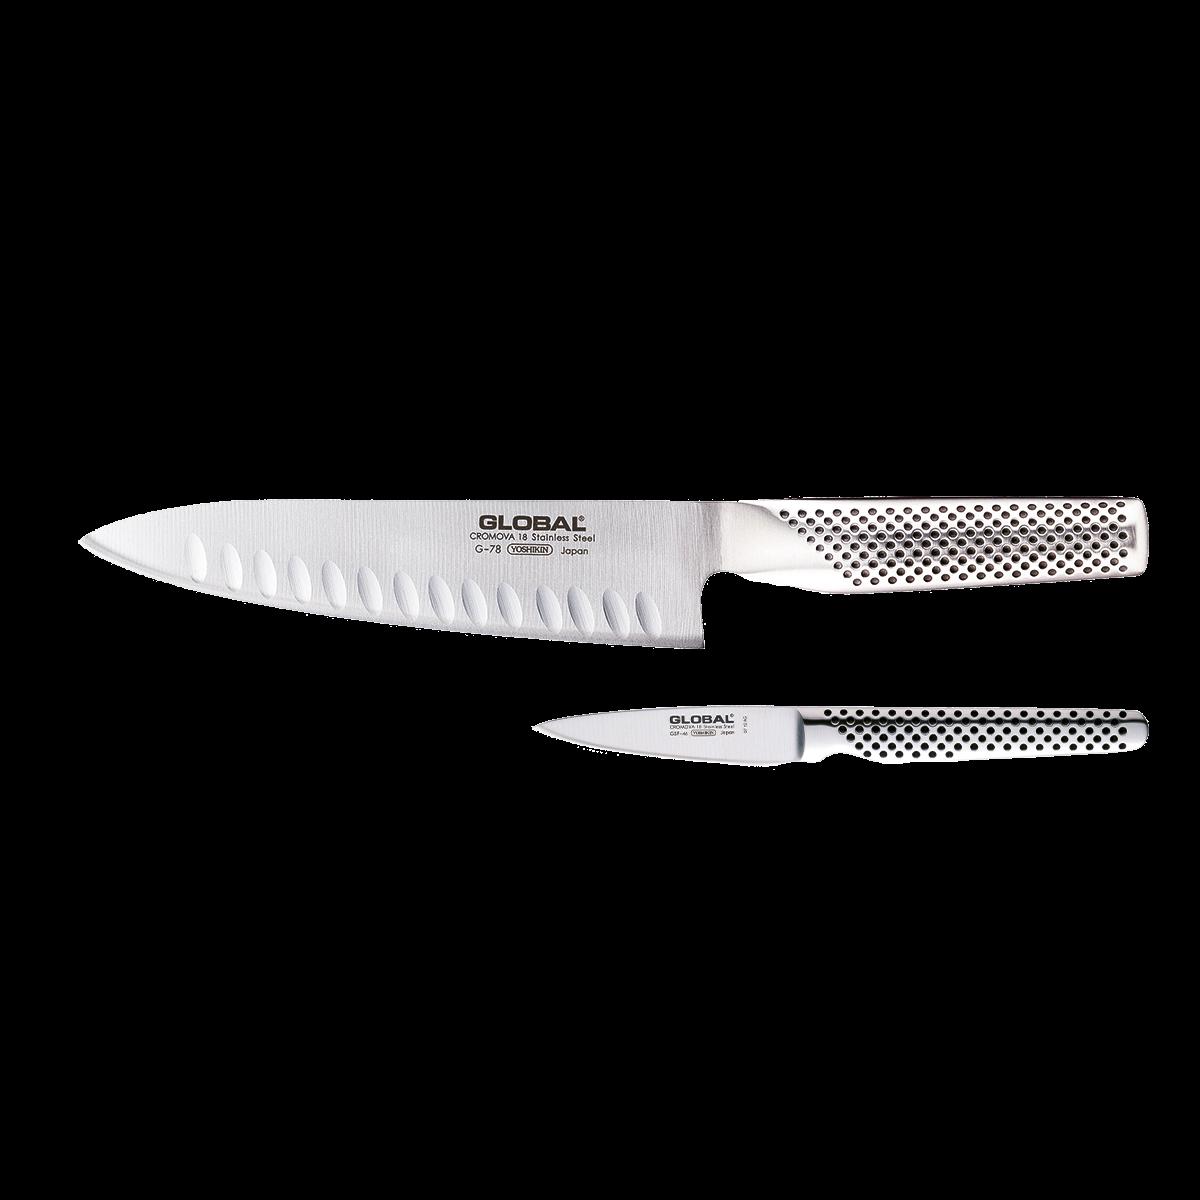 Global - Knife Set G-7846 Of 2 (17560)